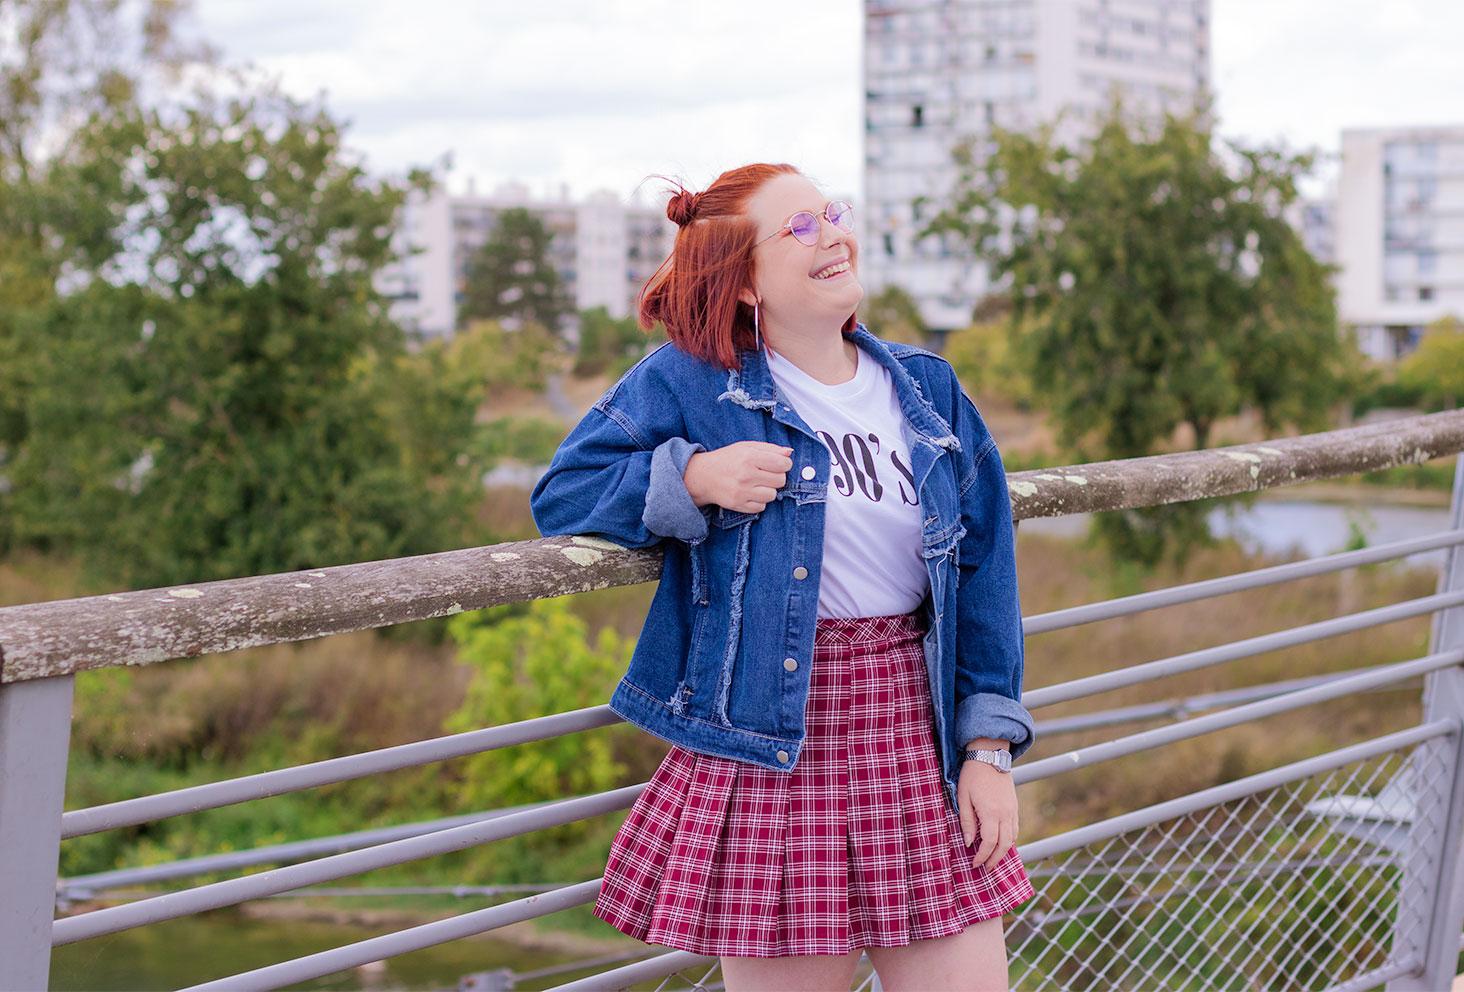 Appuyée le long d'une rambarde en bois et métal, avec le sourire, en veste en jean bleue à franges et jupe bordeaux à carreaux